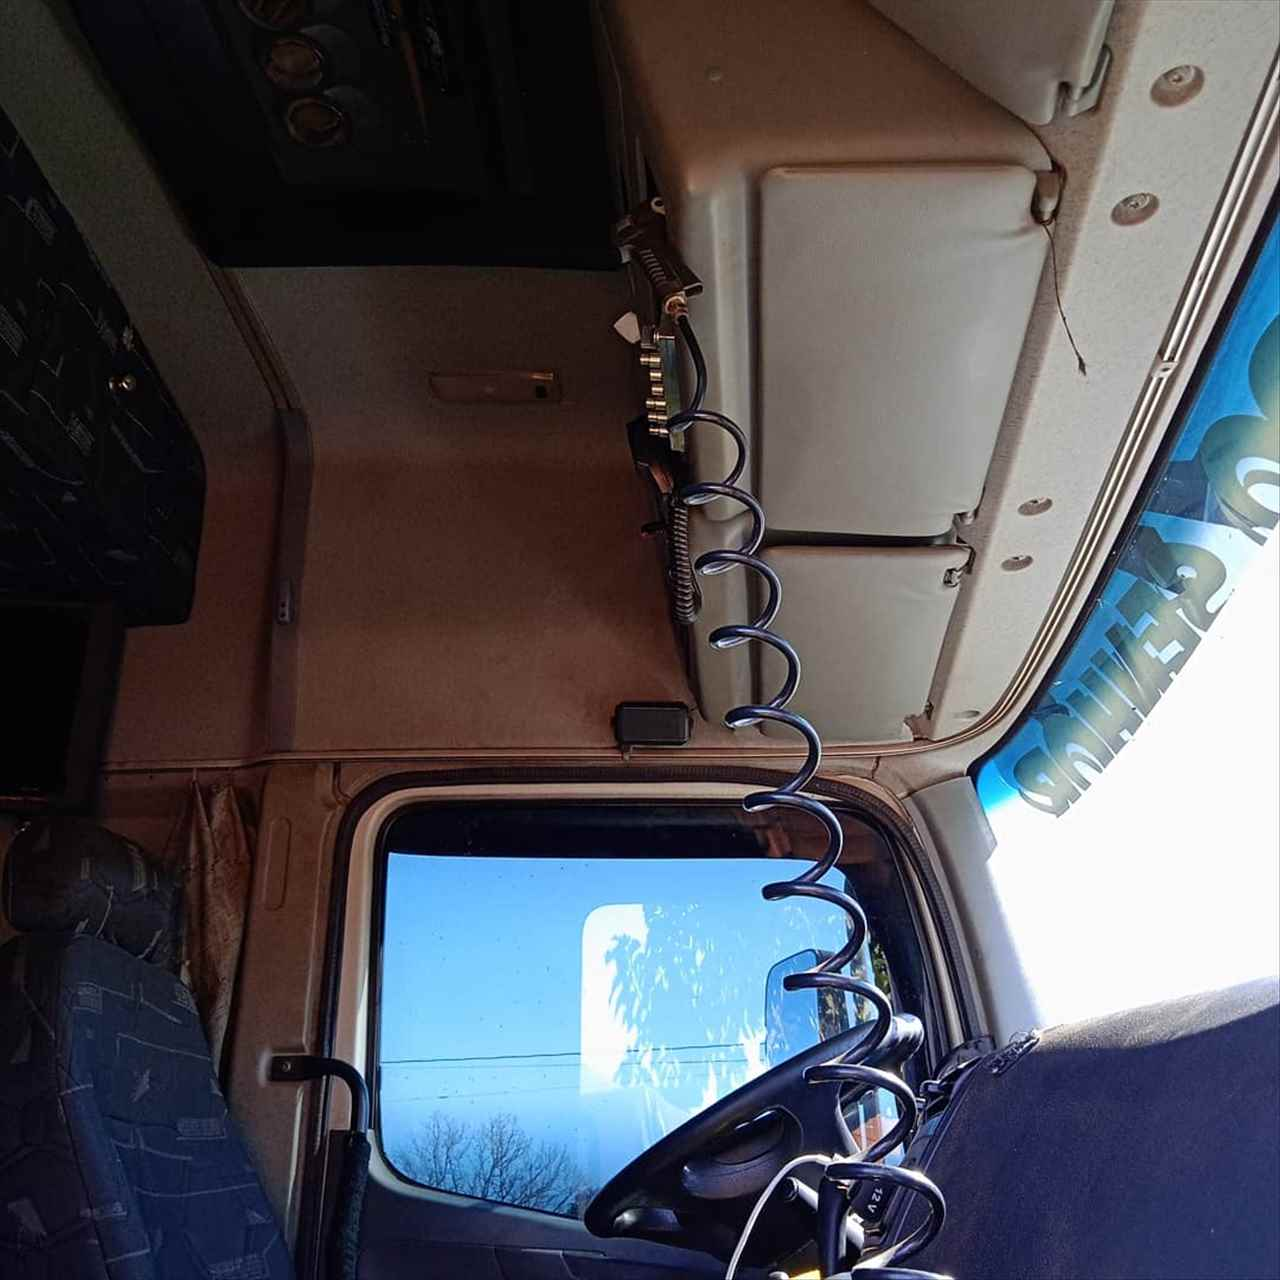 CAMINHAO MERCEDES-BENZ MB 2544 Cavalo Mecânico Truck 6x2 Mundial Caminhões e Carretas PALMITAL SÃO PAULO SP